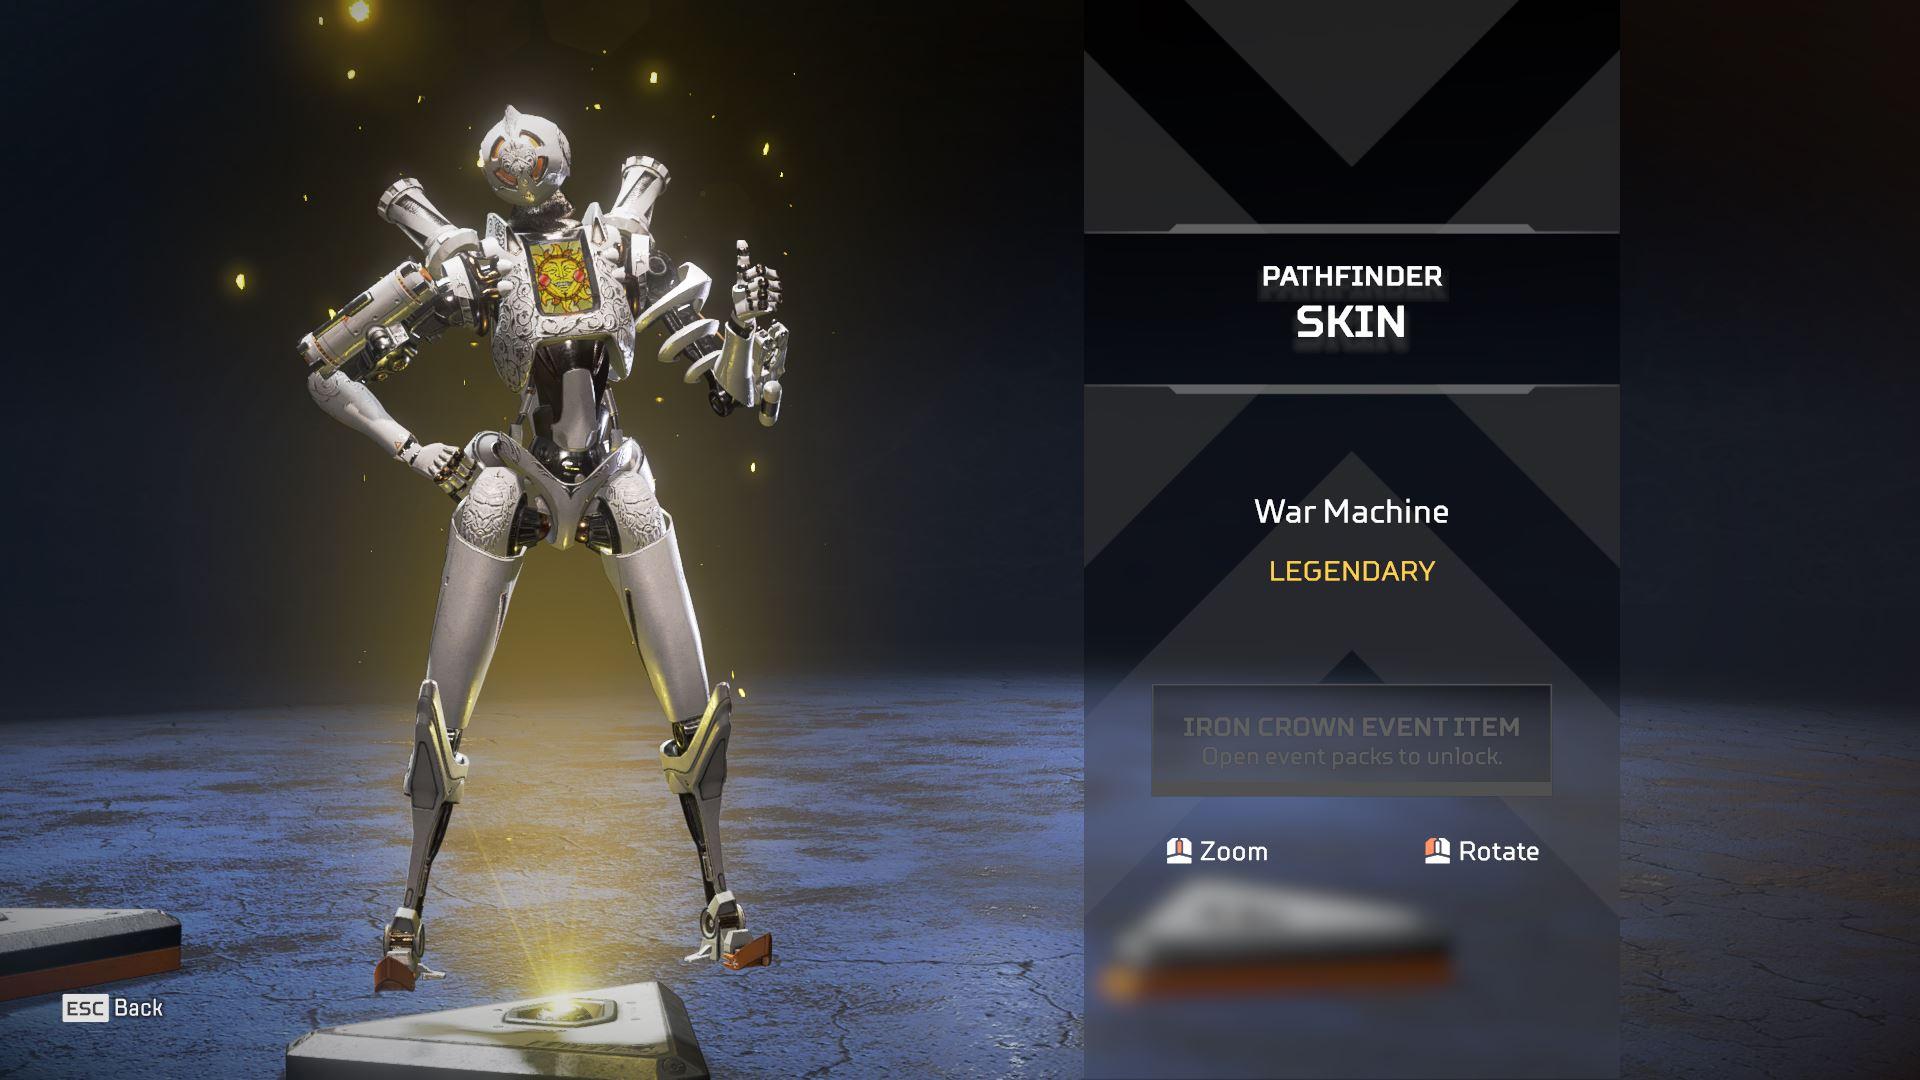 Pathfinder war machine skin